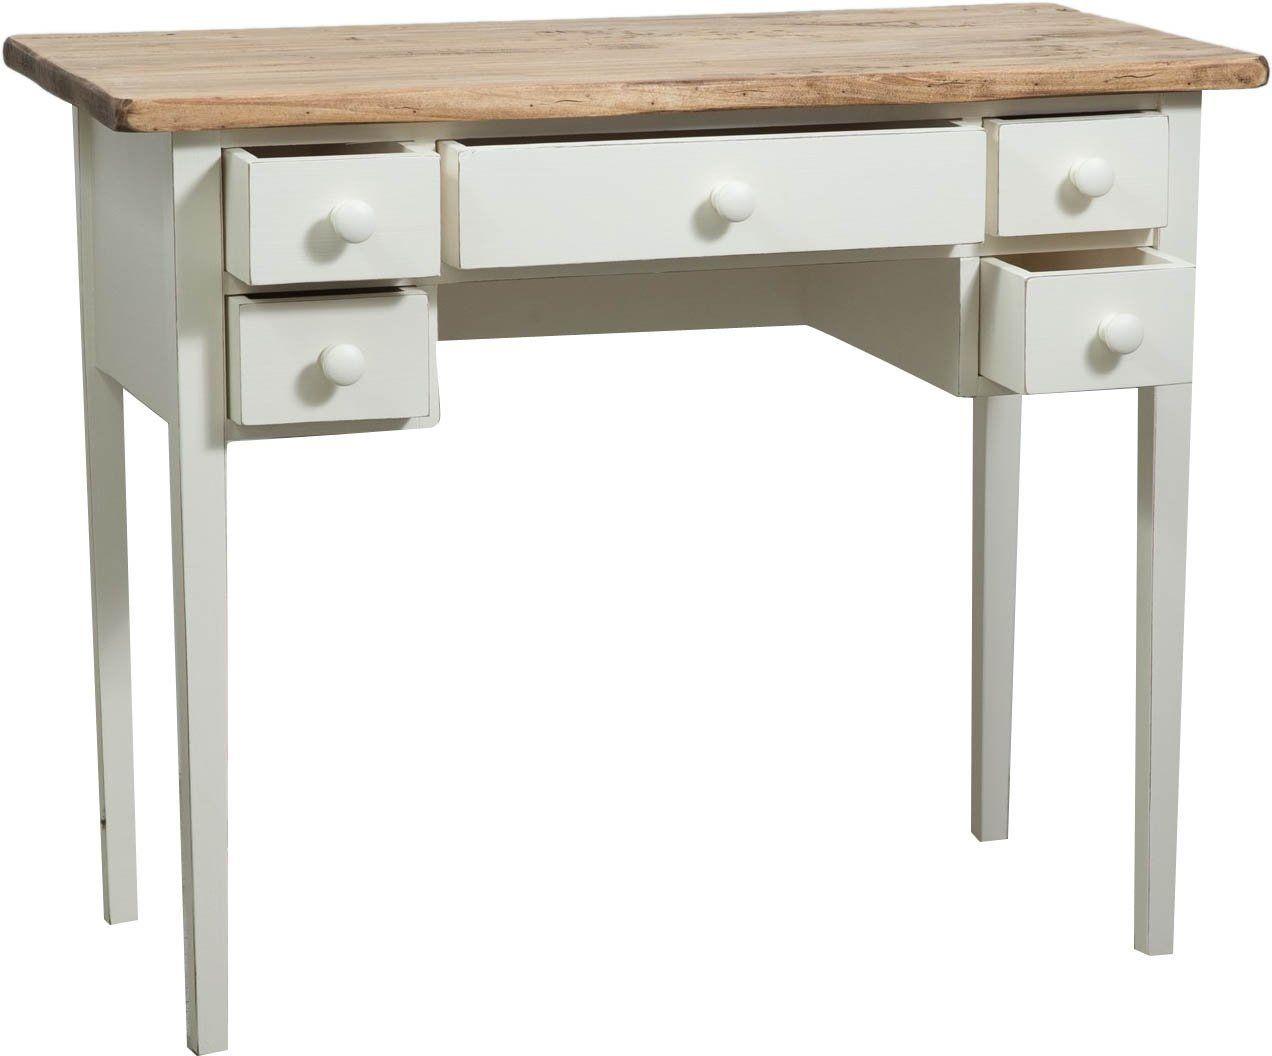 tavolino scrittoio in legno massello di tiglio struttura bianca anticata piano finitura naturale 100x48x80 cm